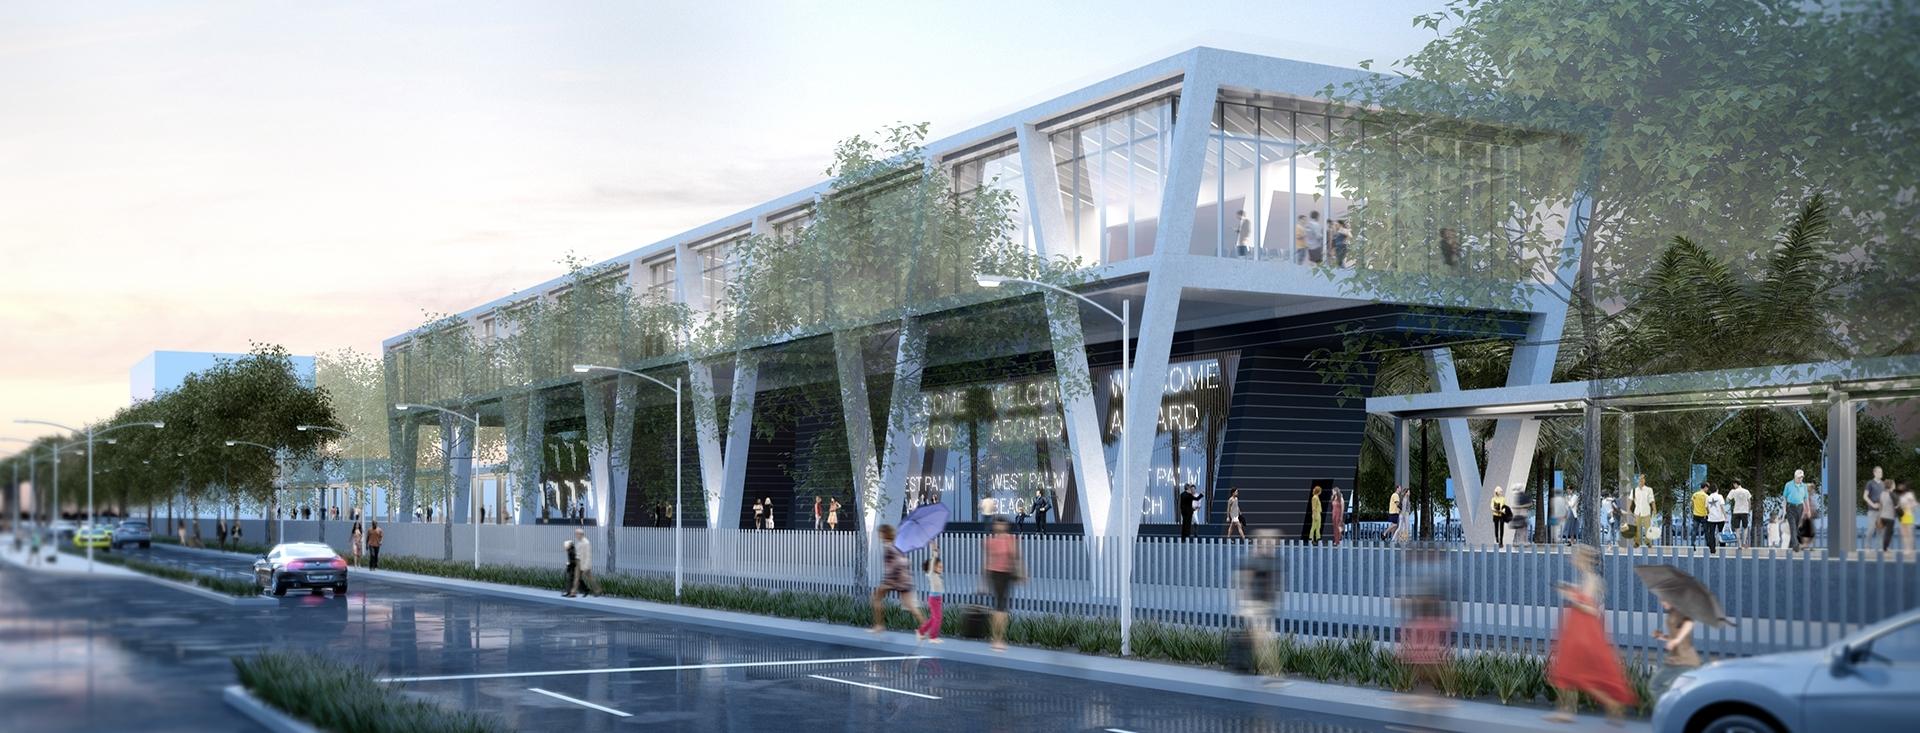 Brightline Stations - Moss Cm for Brightline Train Miami Location